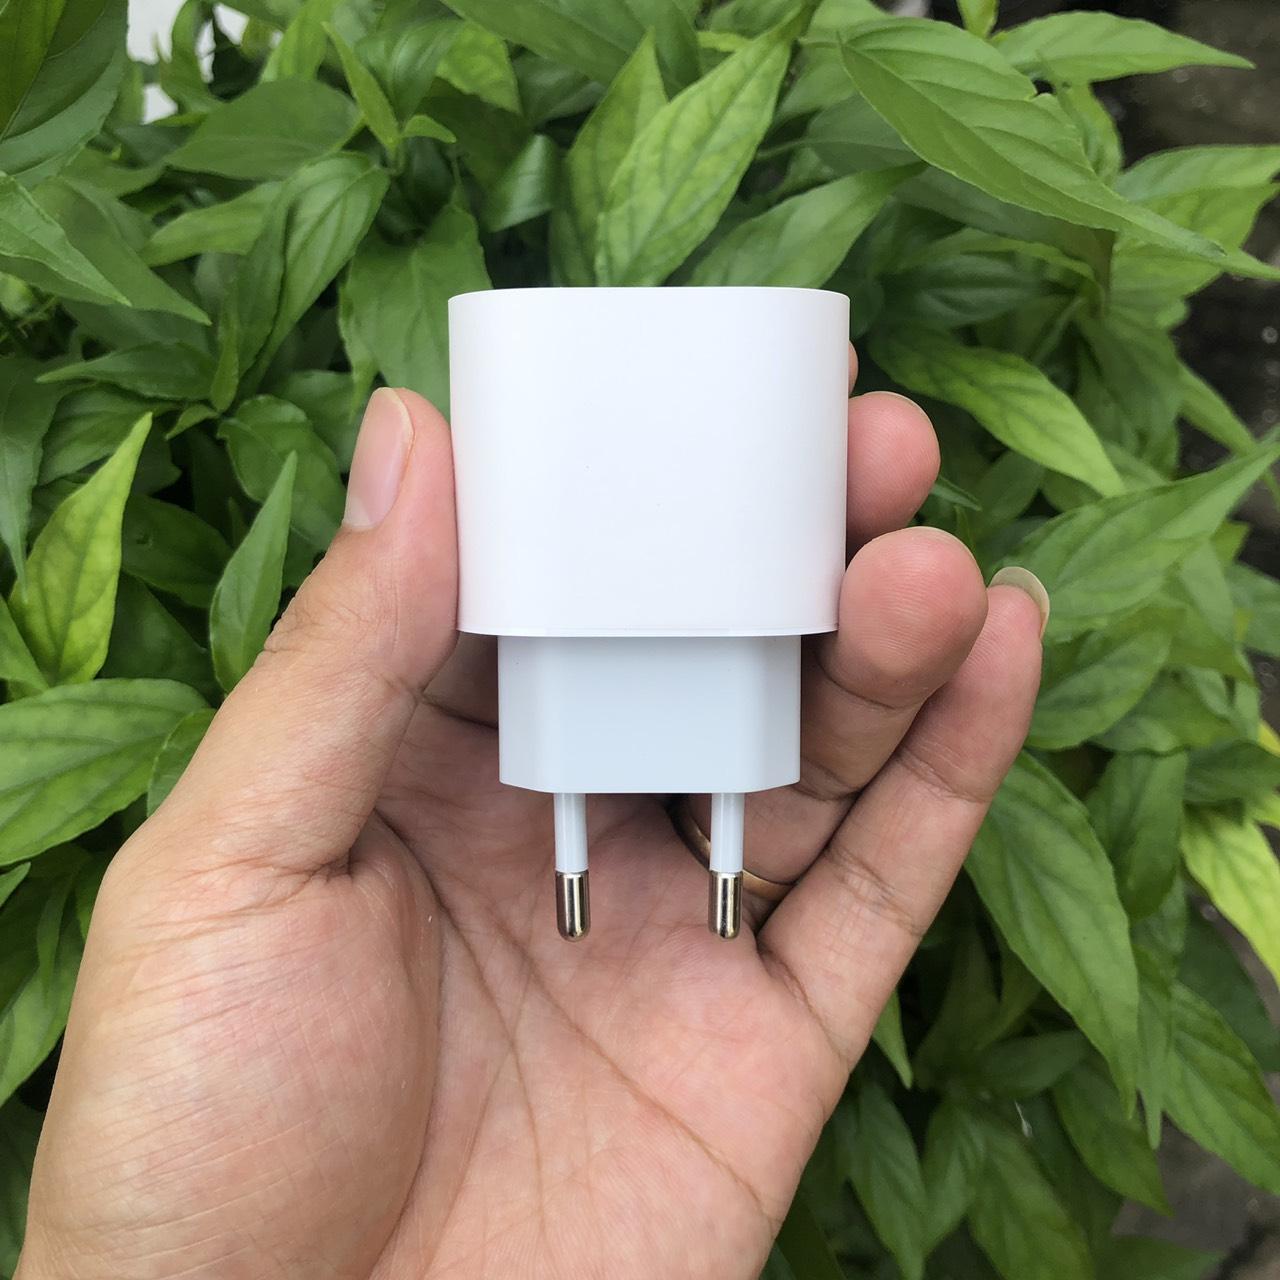 Củ Sạc Nhanh 18W Dành Cho iPhone 11Pro Kèm Cáp Sạc Nhanh 18W TypeC to Lightning